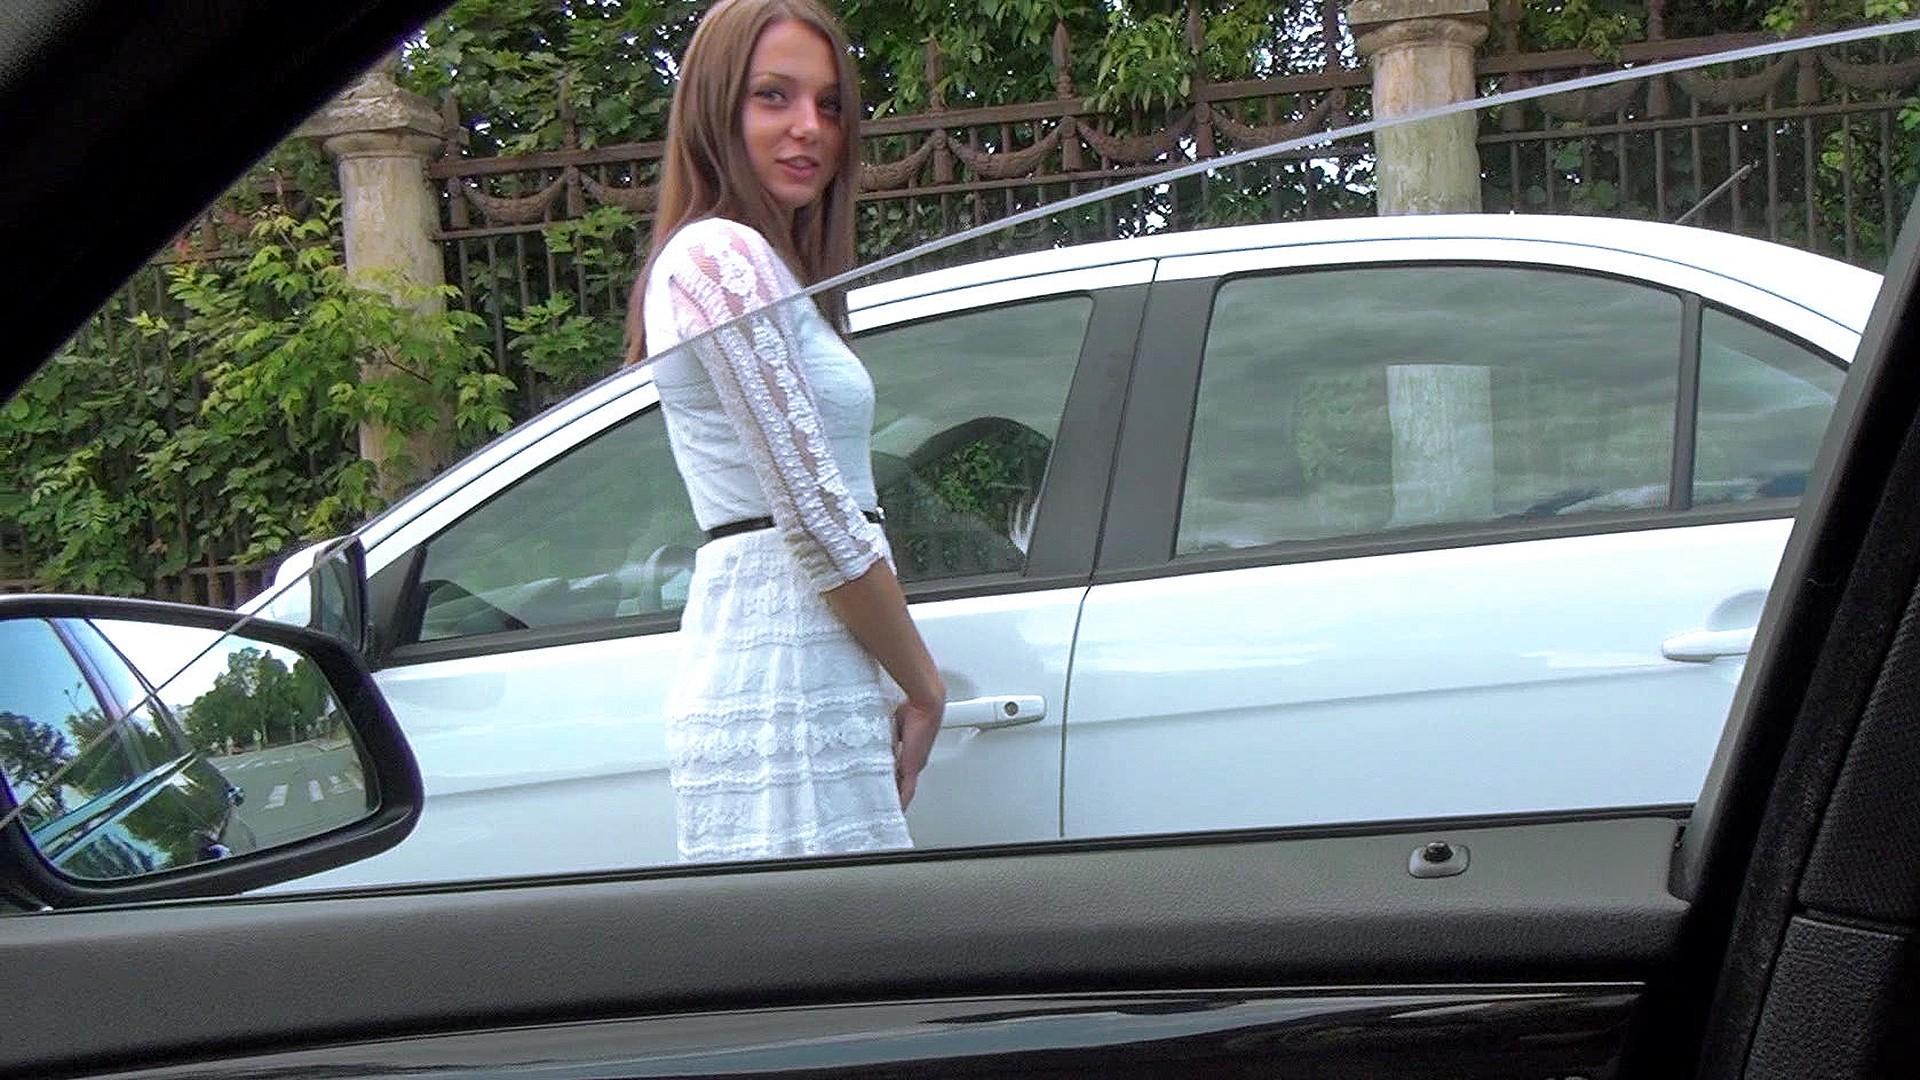 Cutie Gets Roadside Anal - Stranded Teens